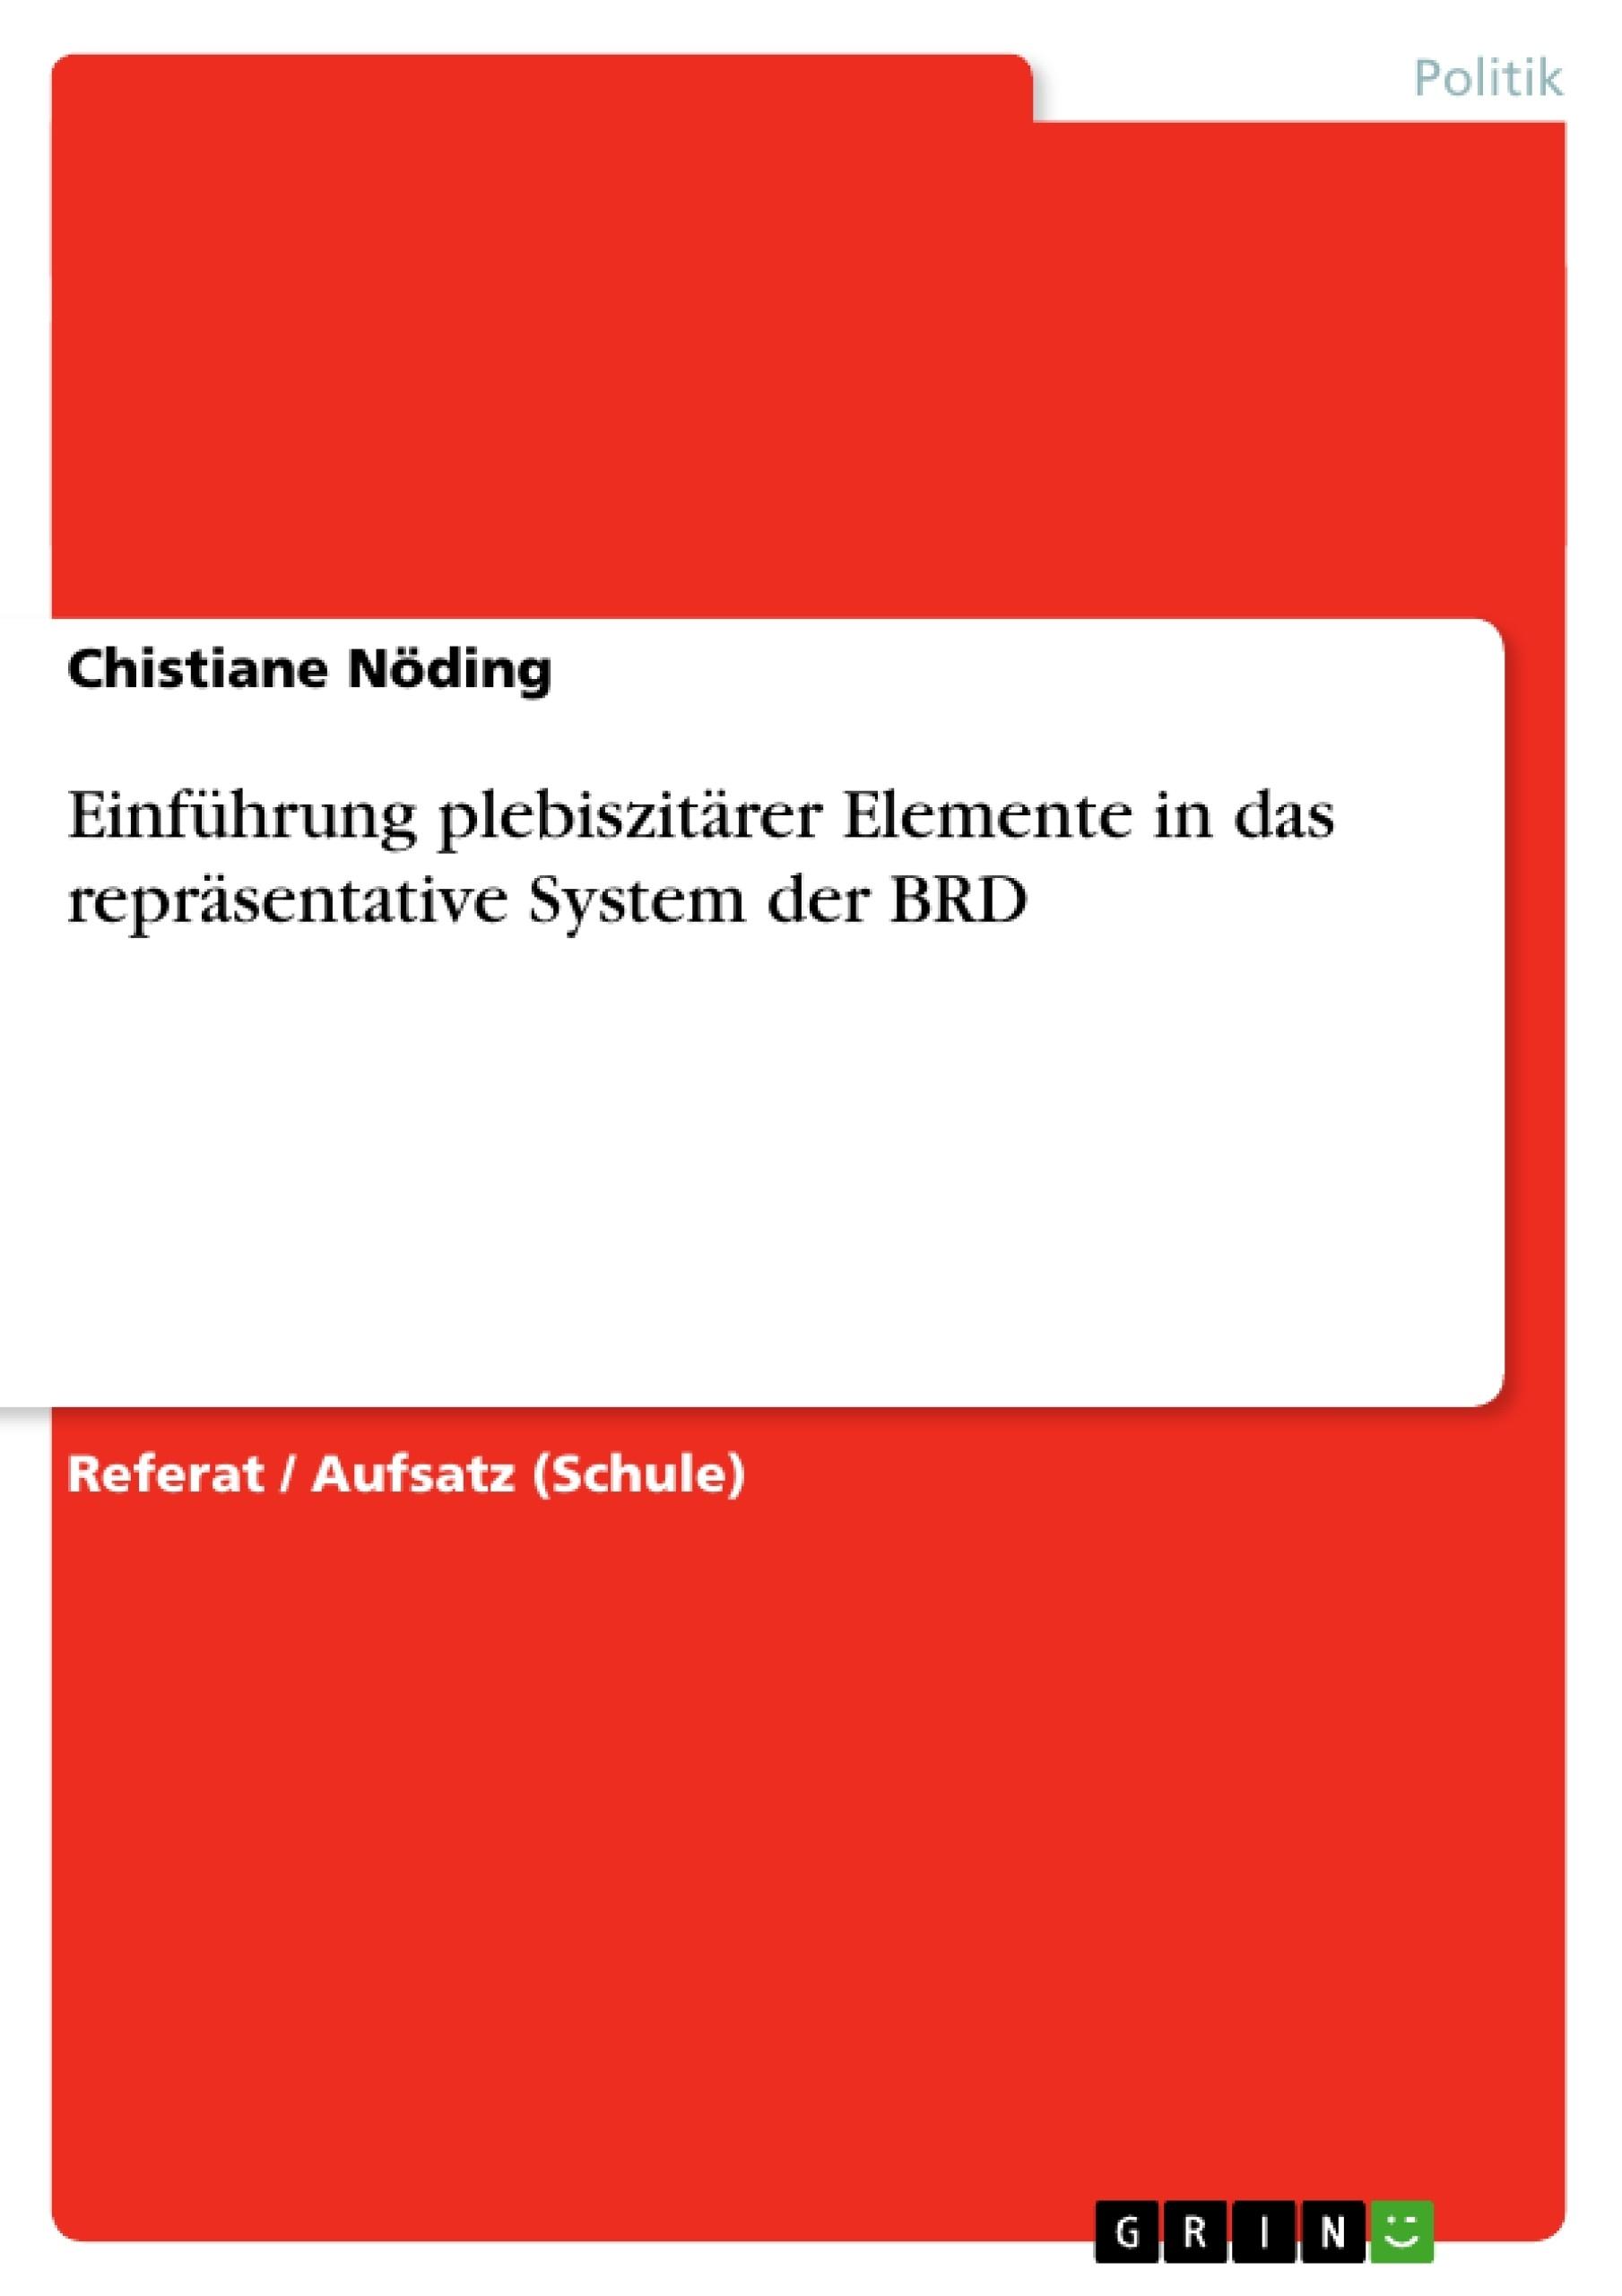 Titel: Einführung plebiszitärer Elemente in das repräsentative System der BRD